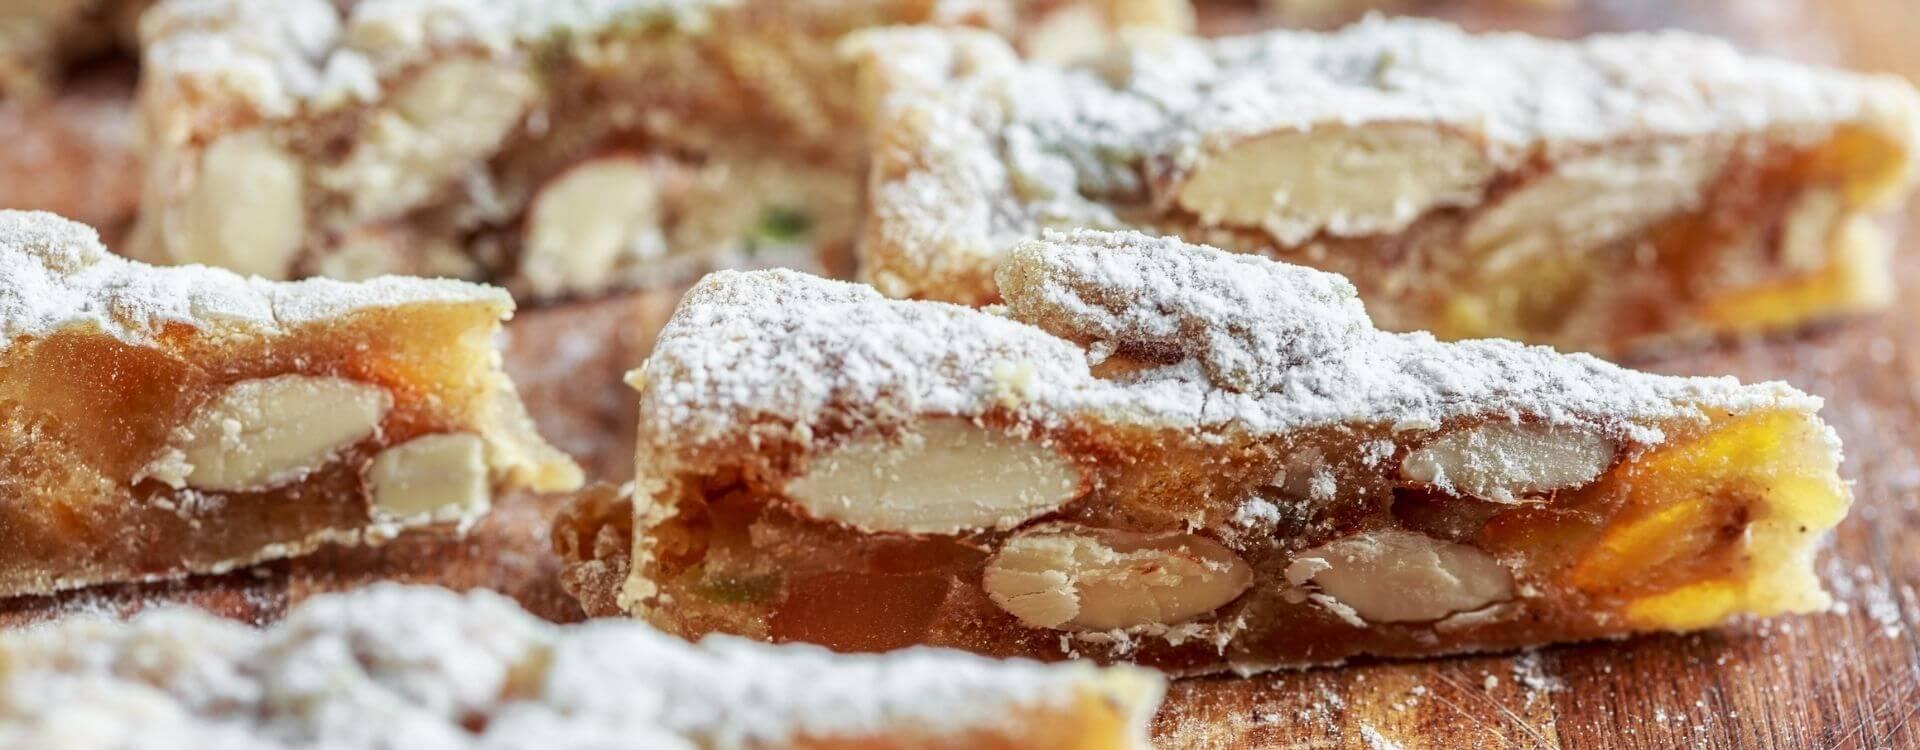 Panforte: Aromatisches Traditionsgebäck aus der toskanischen Stadt Siena